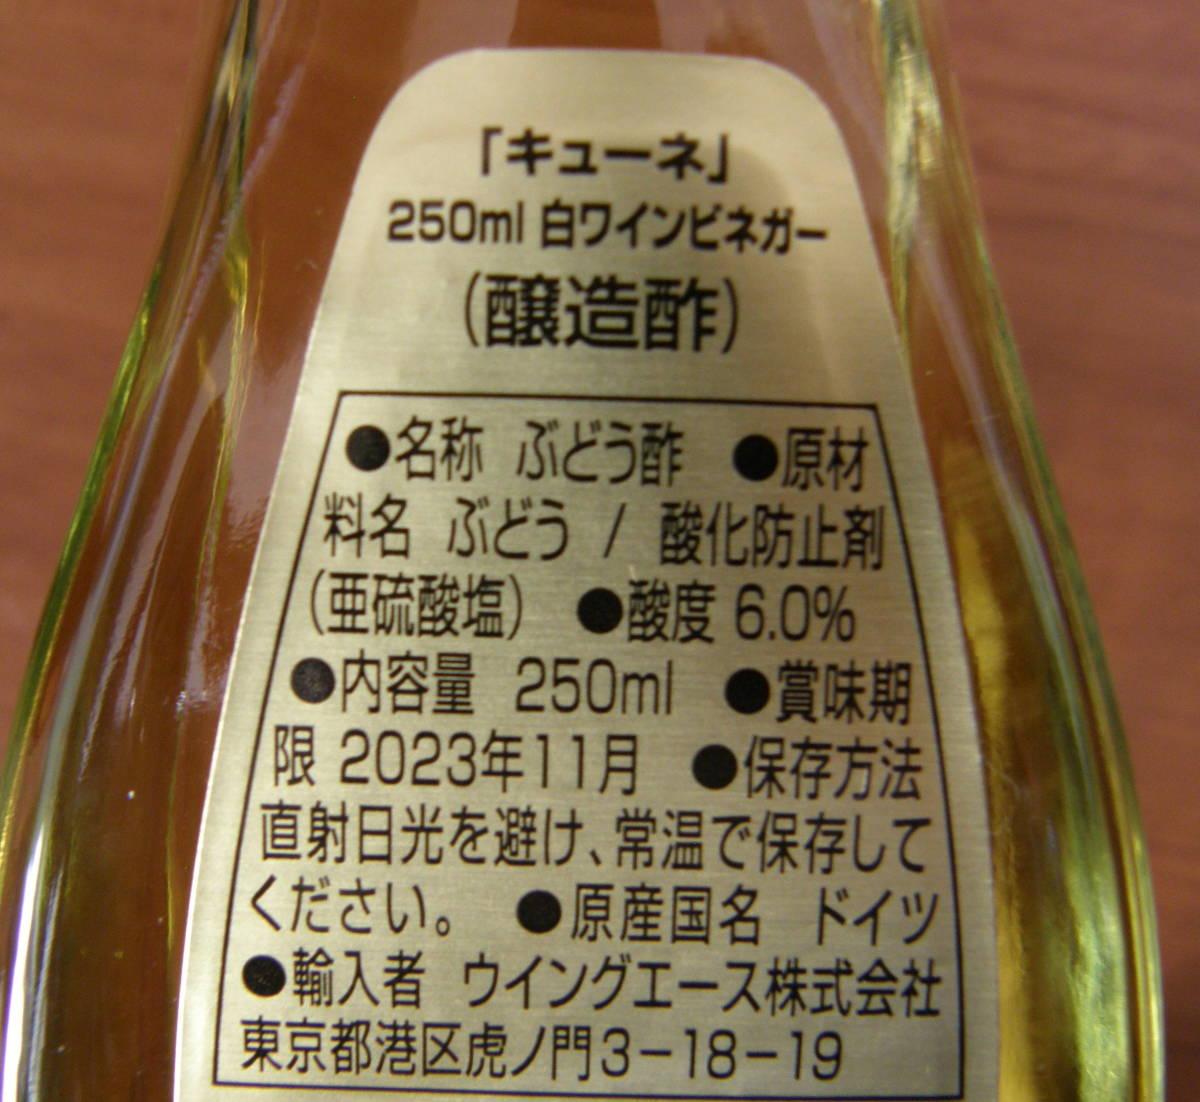 ★即決★キューネ 白ワインビネガー 250ml 3本まとめて 醸造酢 賞味期限2023年11月★_画像4